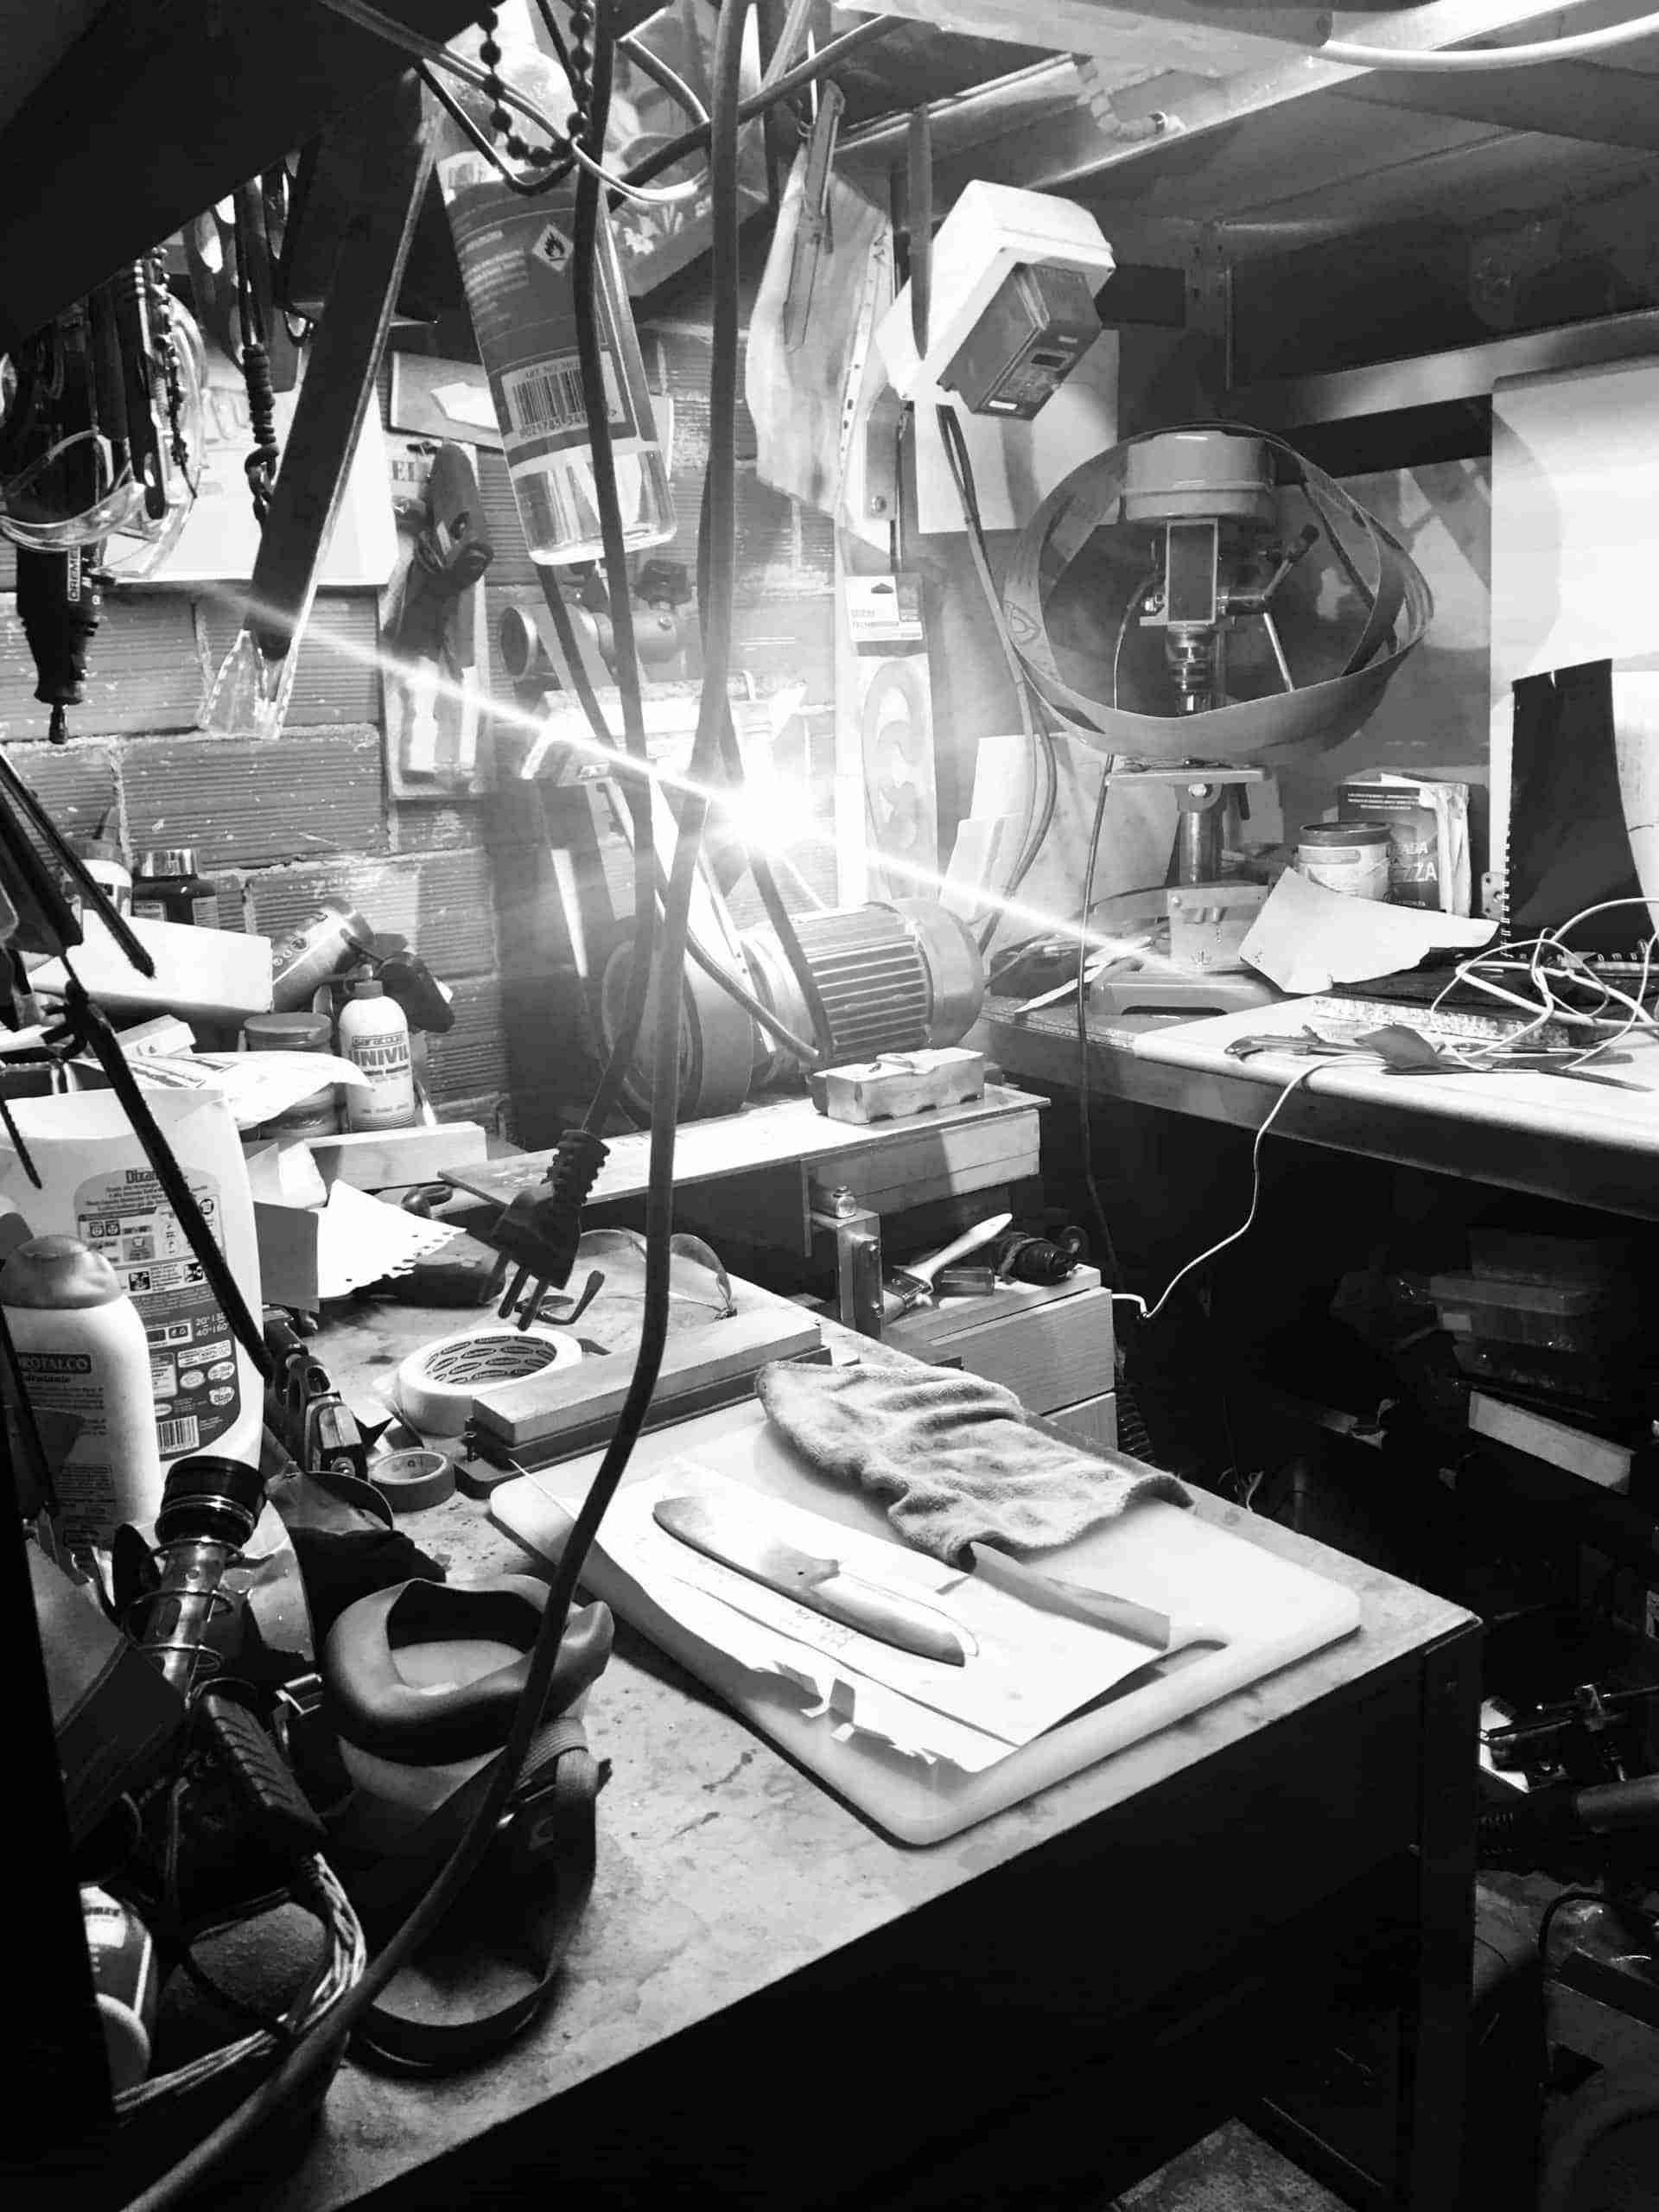 Oficina do fabricante da faca